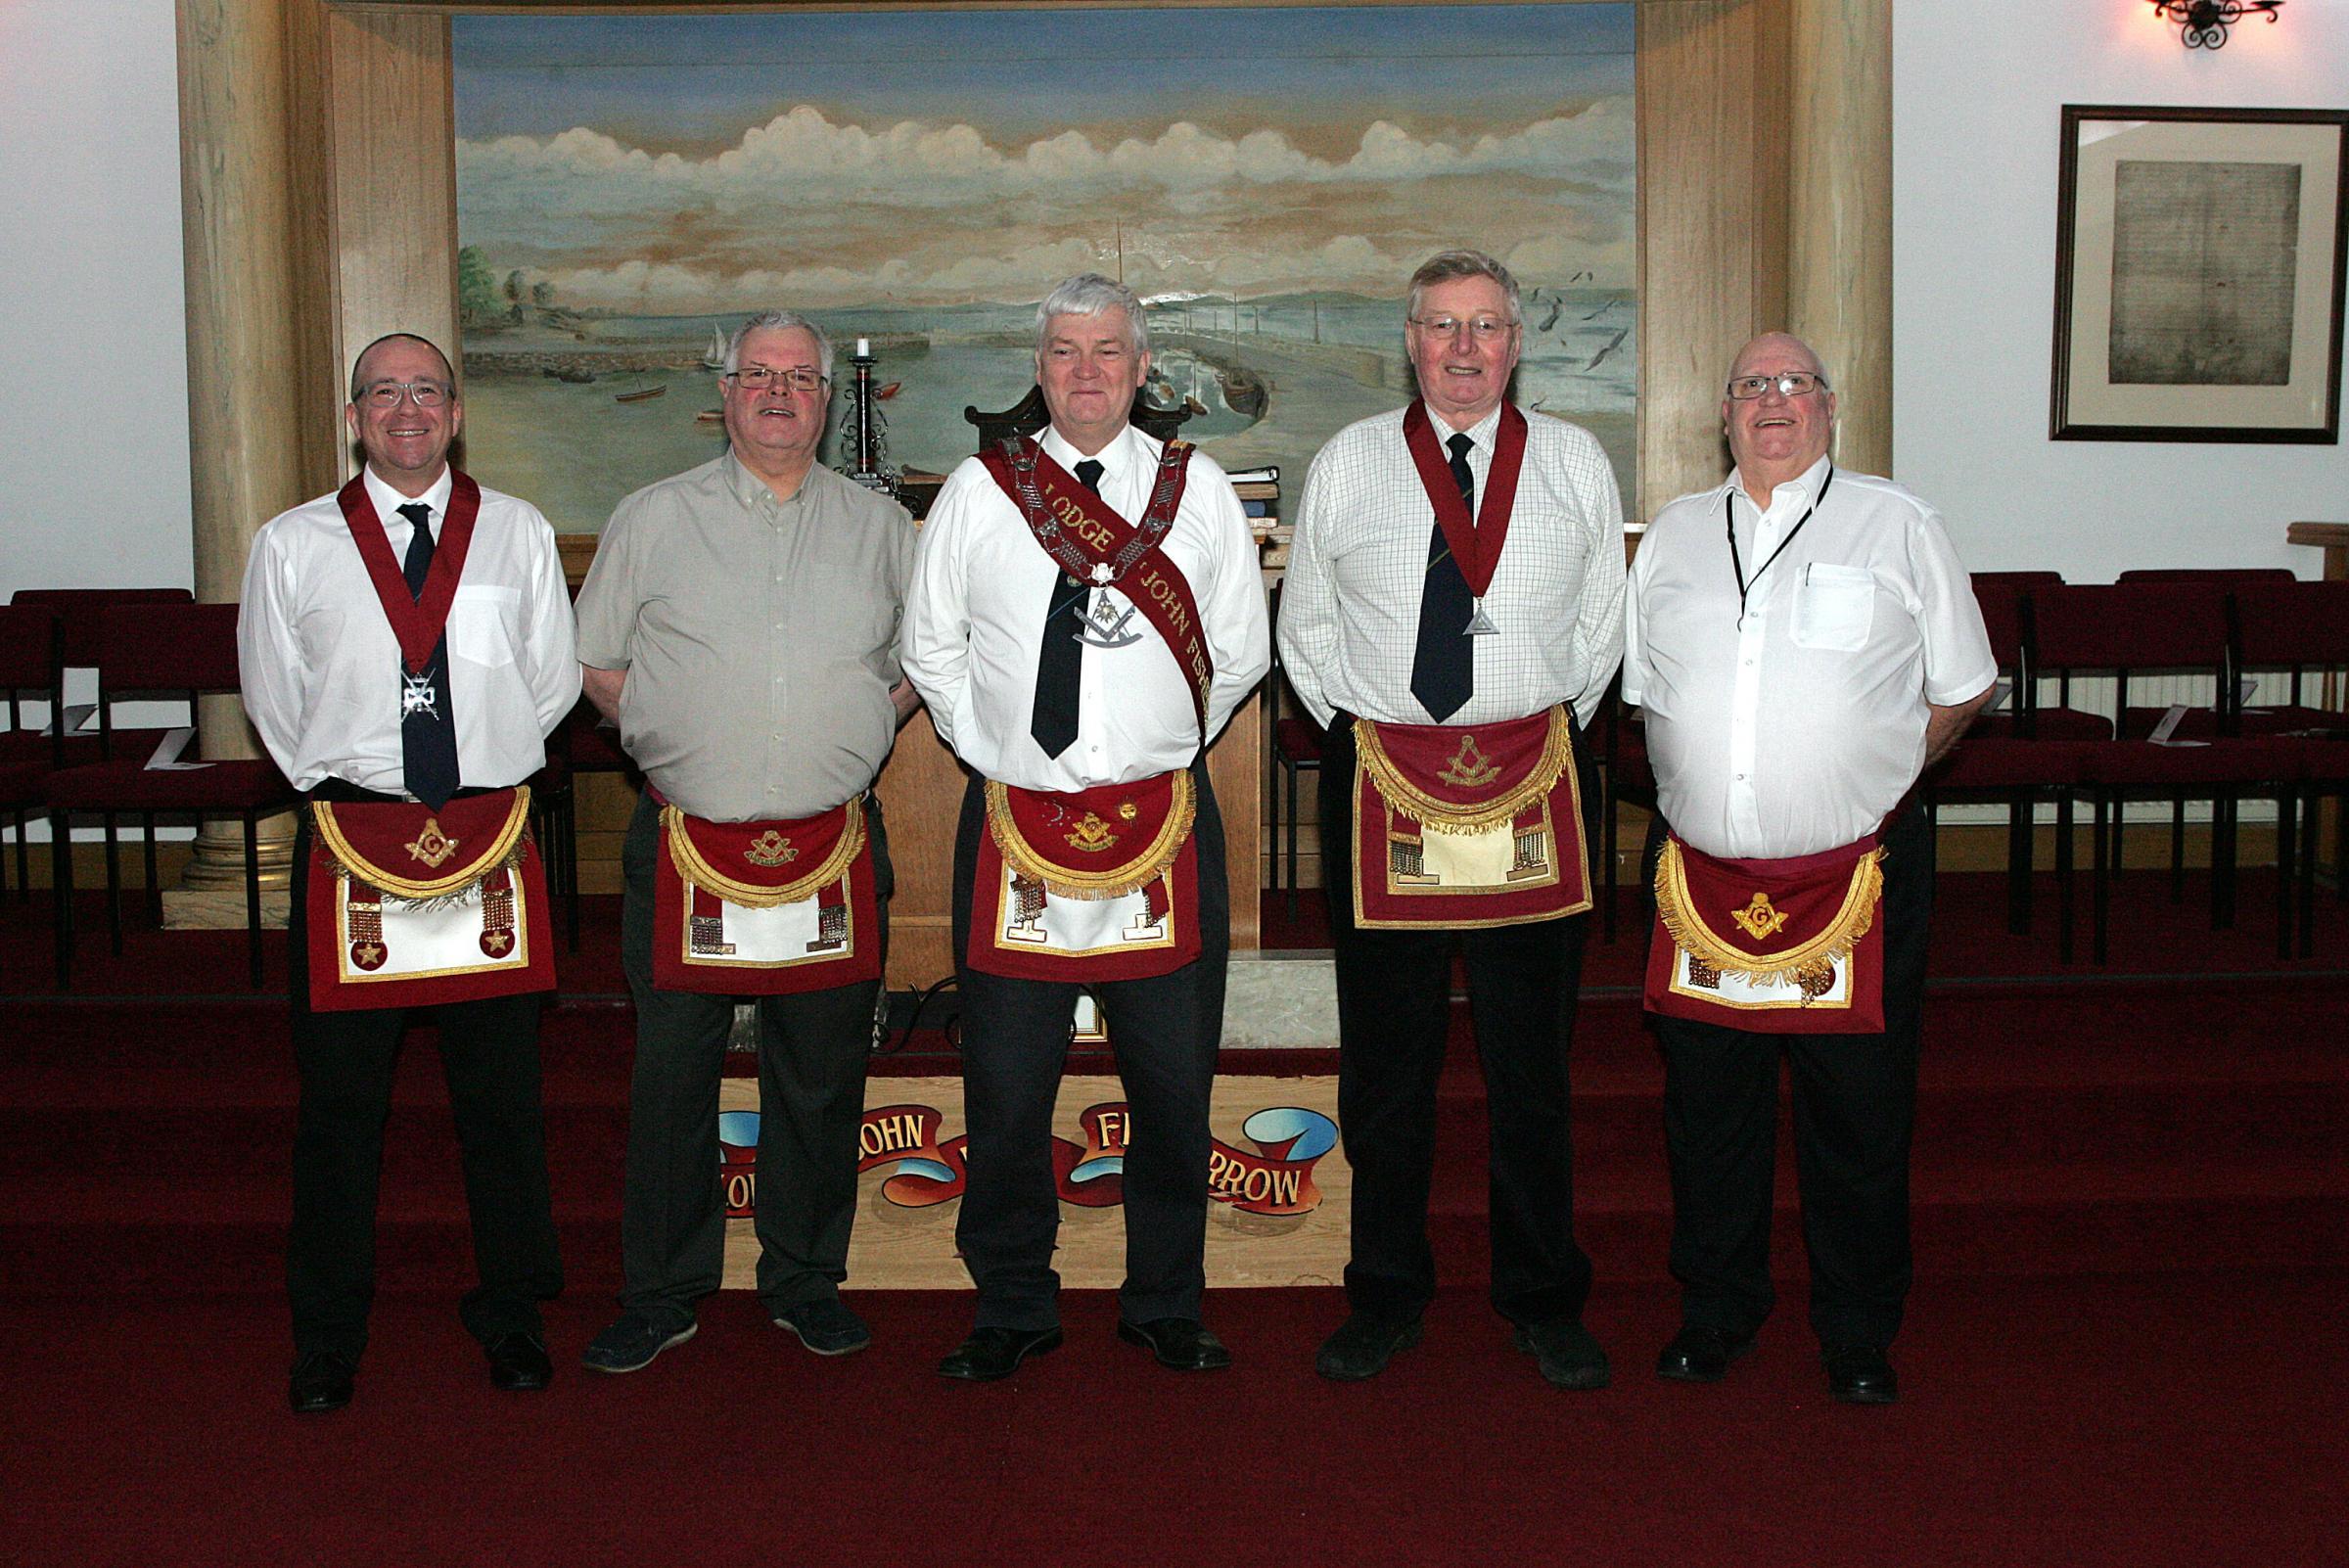 Were Not A Secret Organisation Stress Musselburgh Freemasons